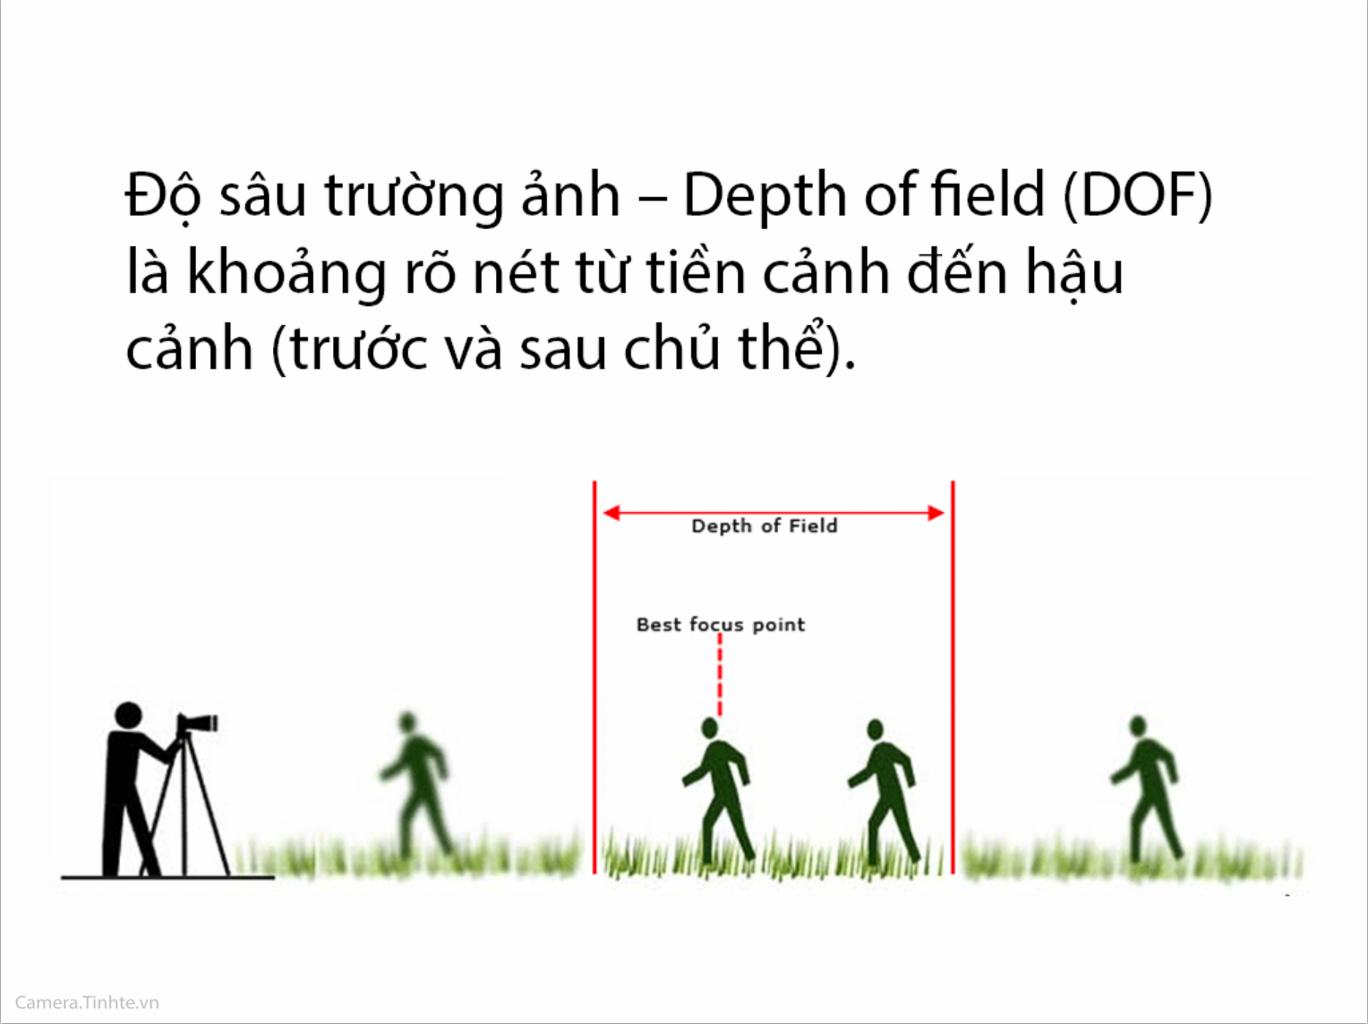 bokeh-camera.tinhte.vn-5.jpg